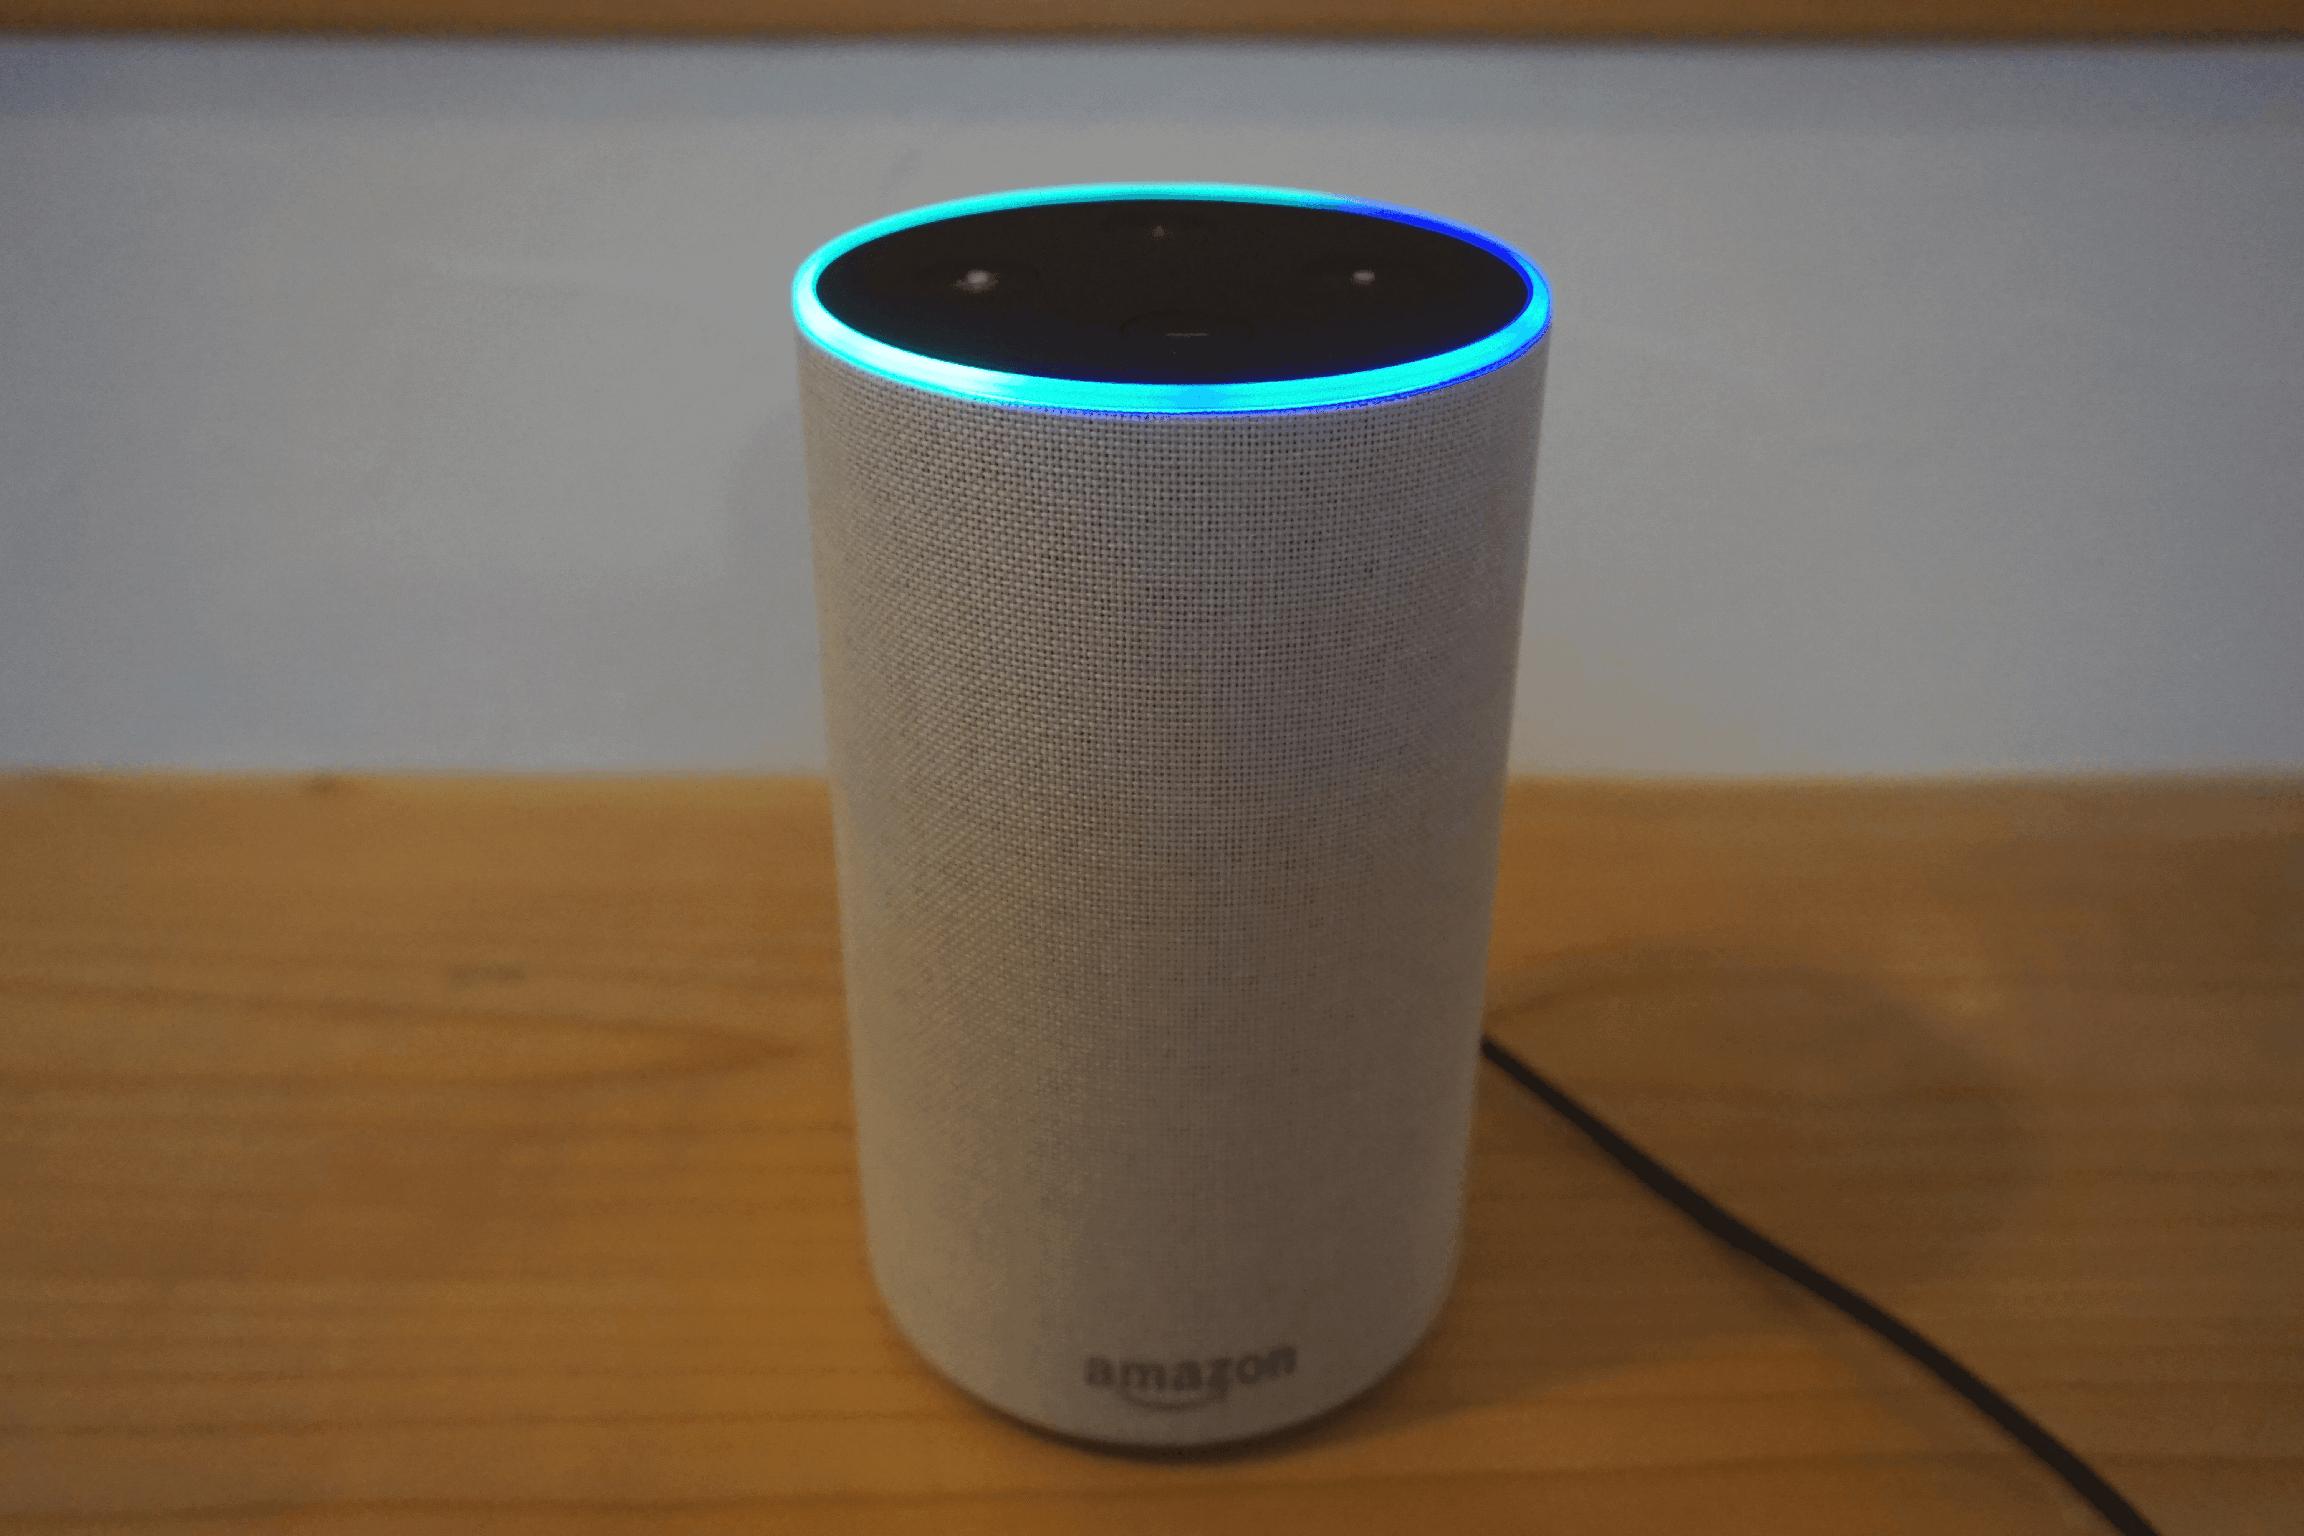 アマゾンエコー(Amazon Echo)の電源を入れたところ